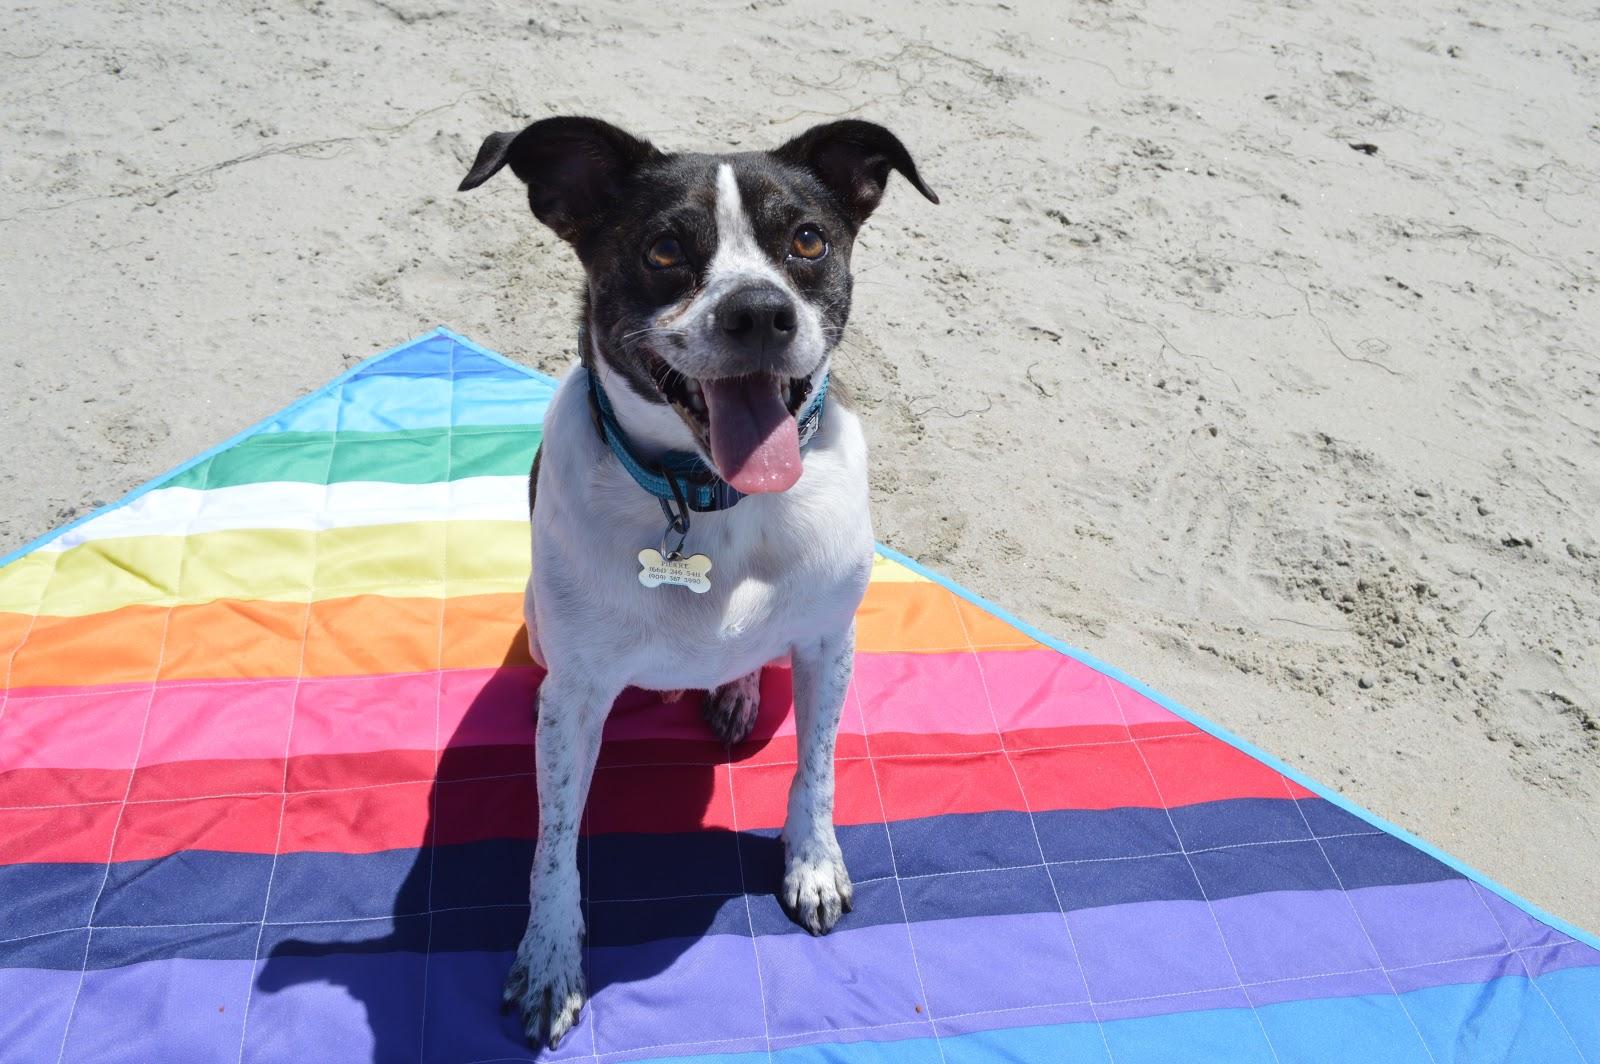 pierre-dog-at-beach